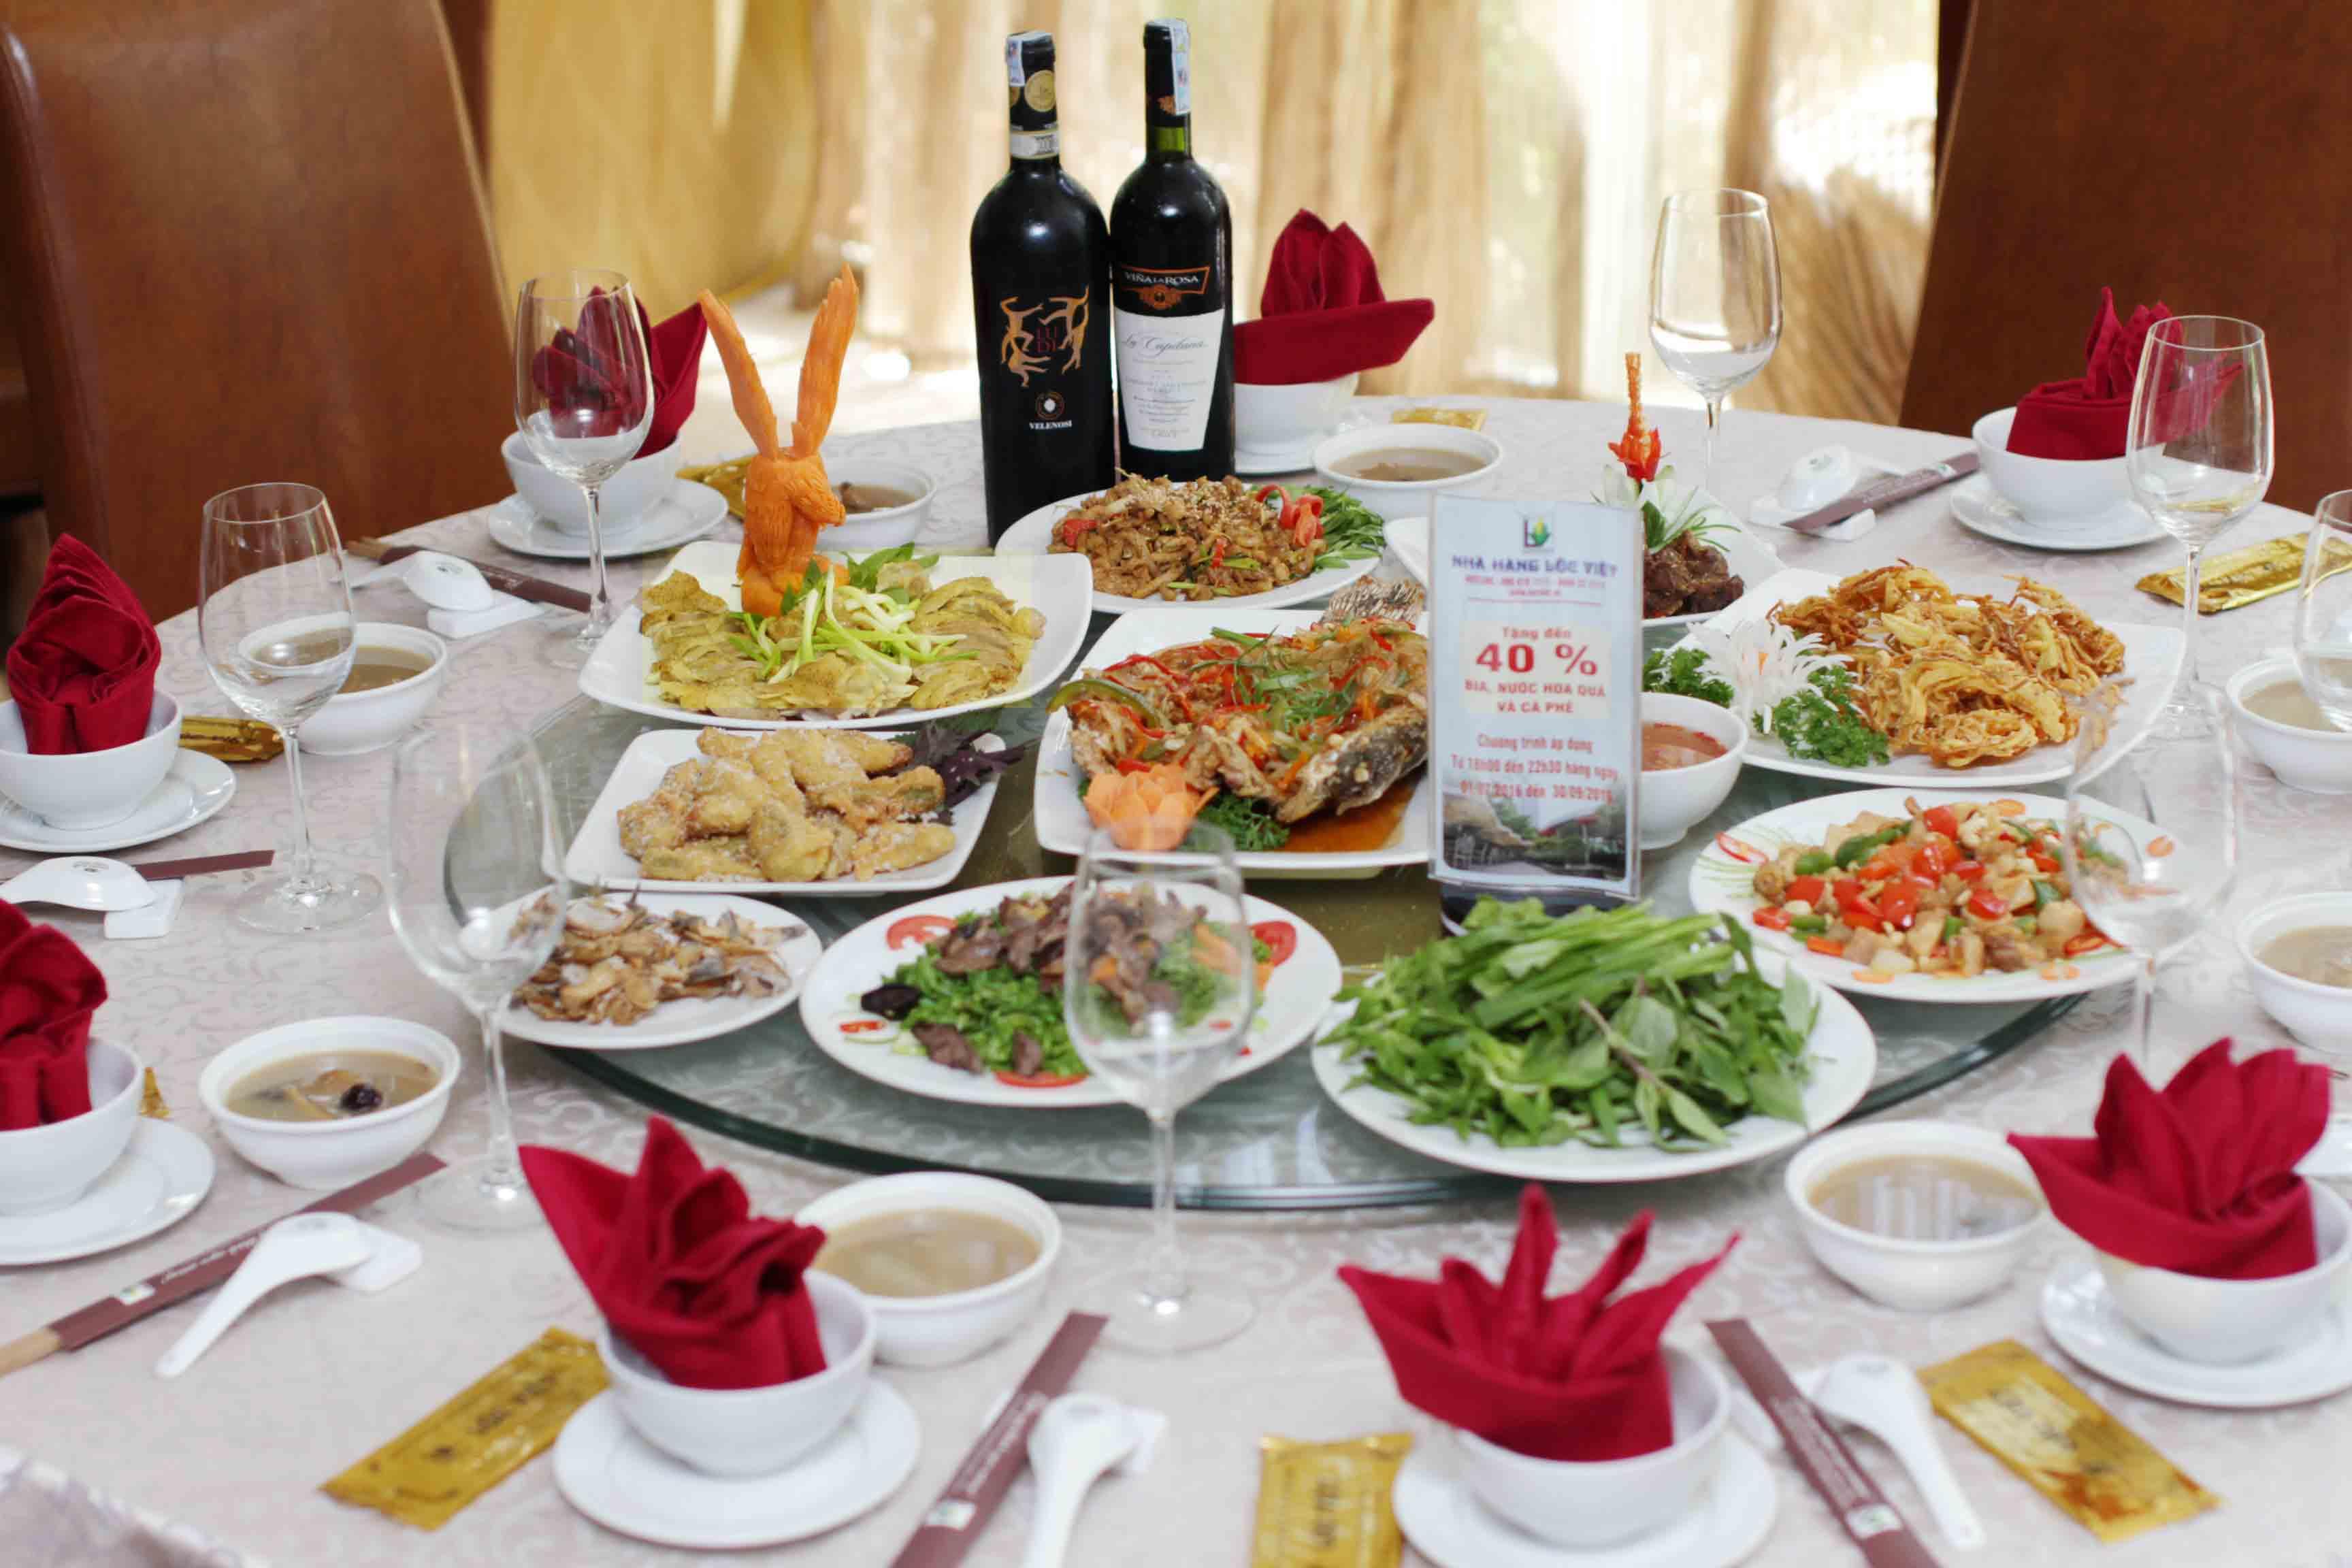 Lưu ý về thực đơn khi chọn nhà hàng tiệc cưới